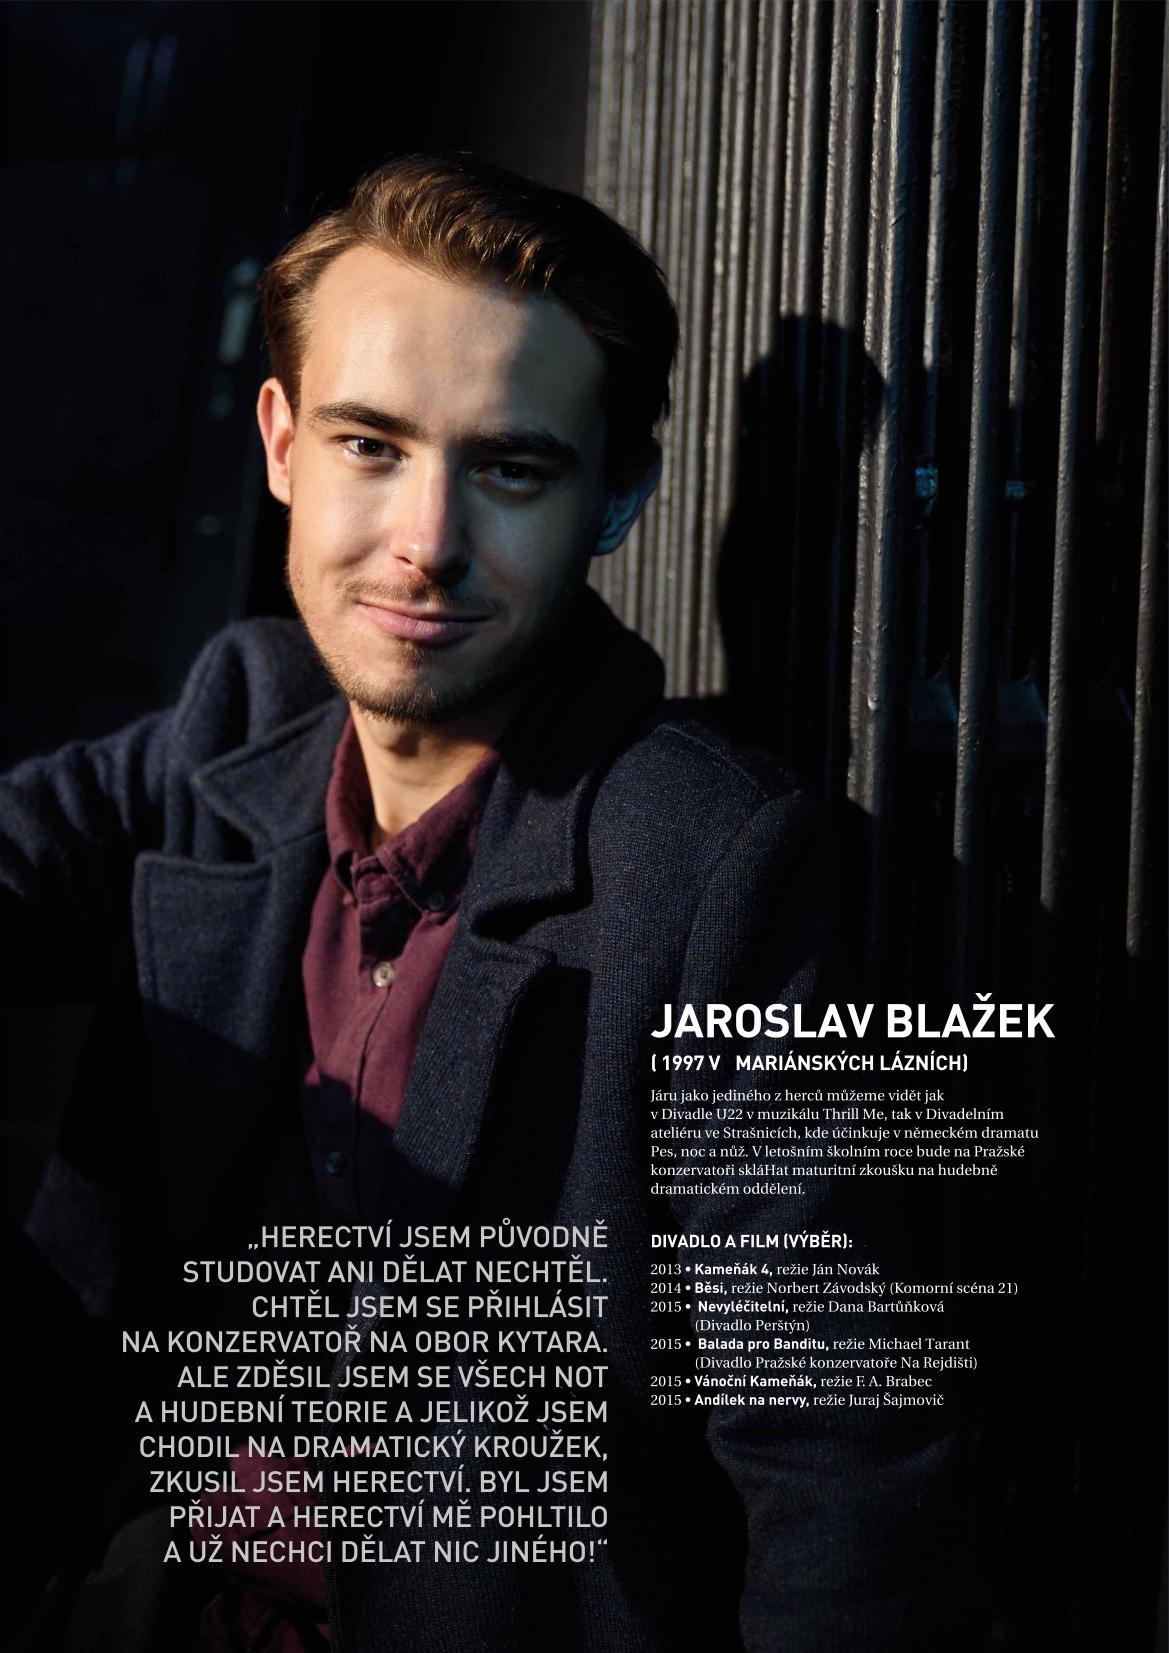 J Blazek